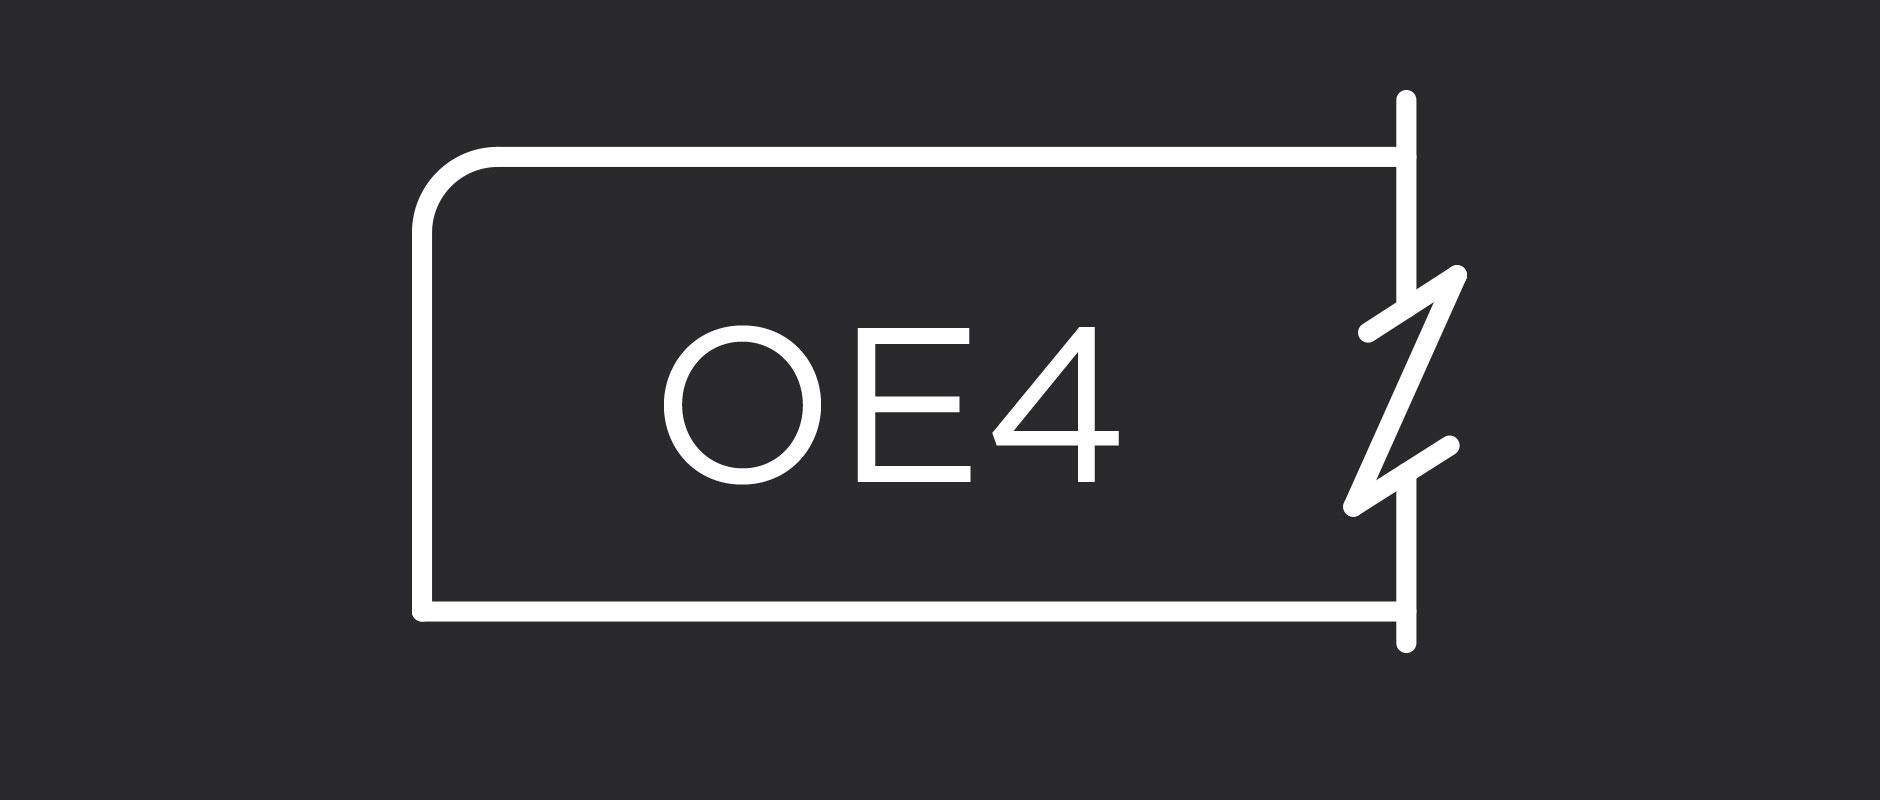 OE4 outside edge profile